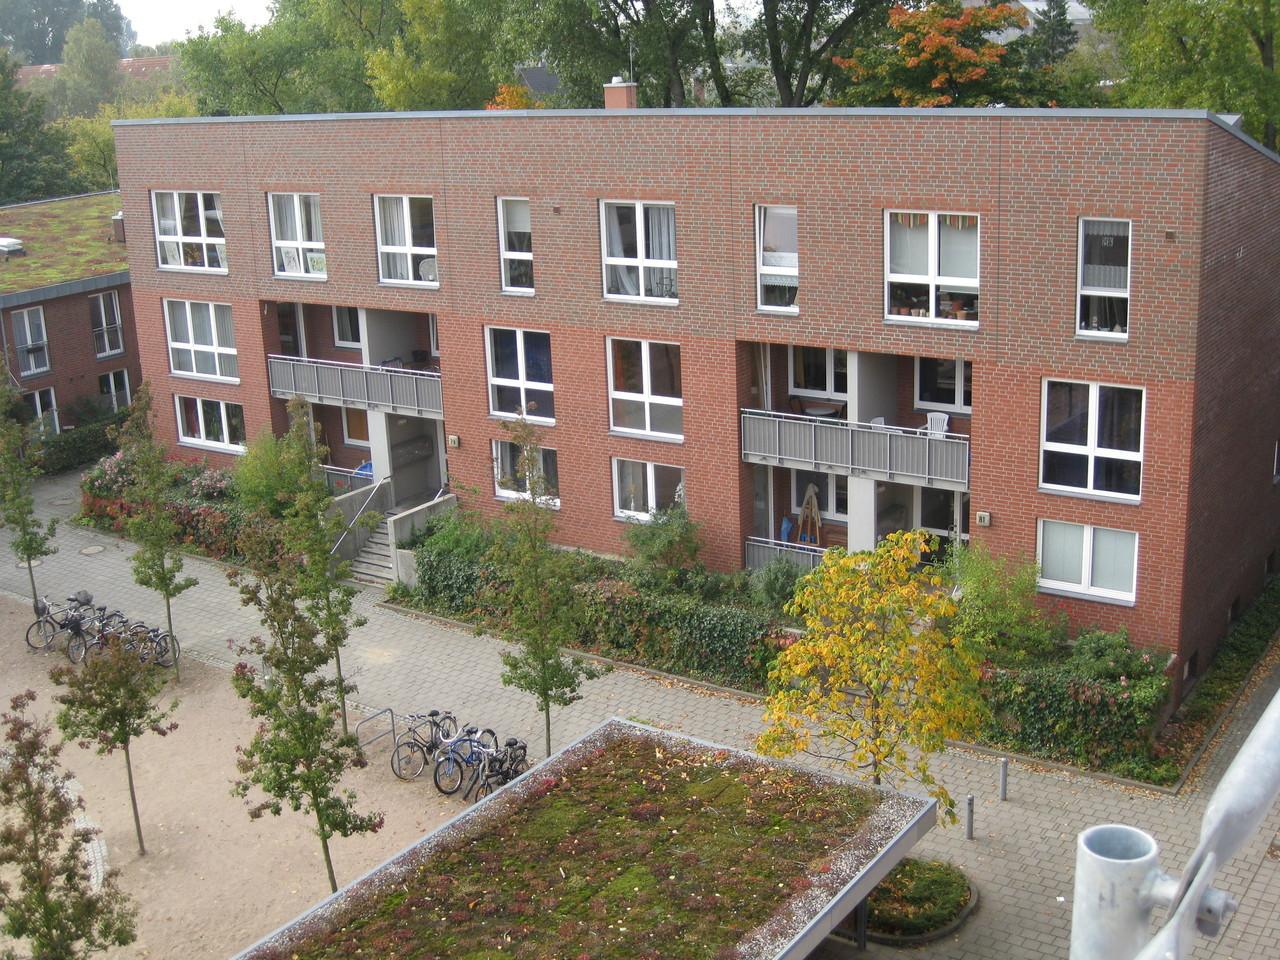 Wohnblock, Lackierung der Fenster und Holztüren/Balkon 1